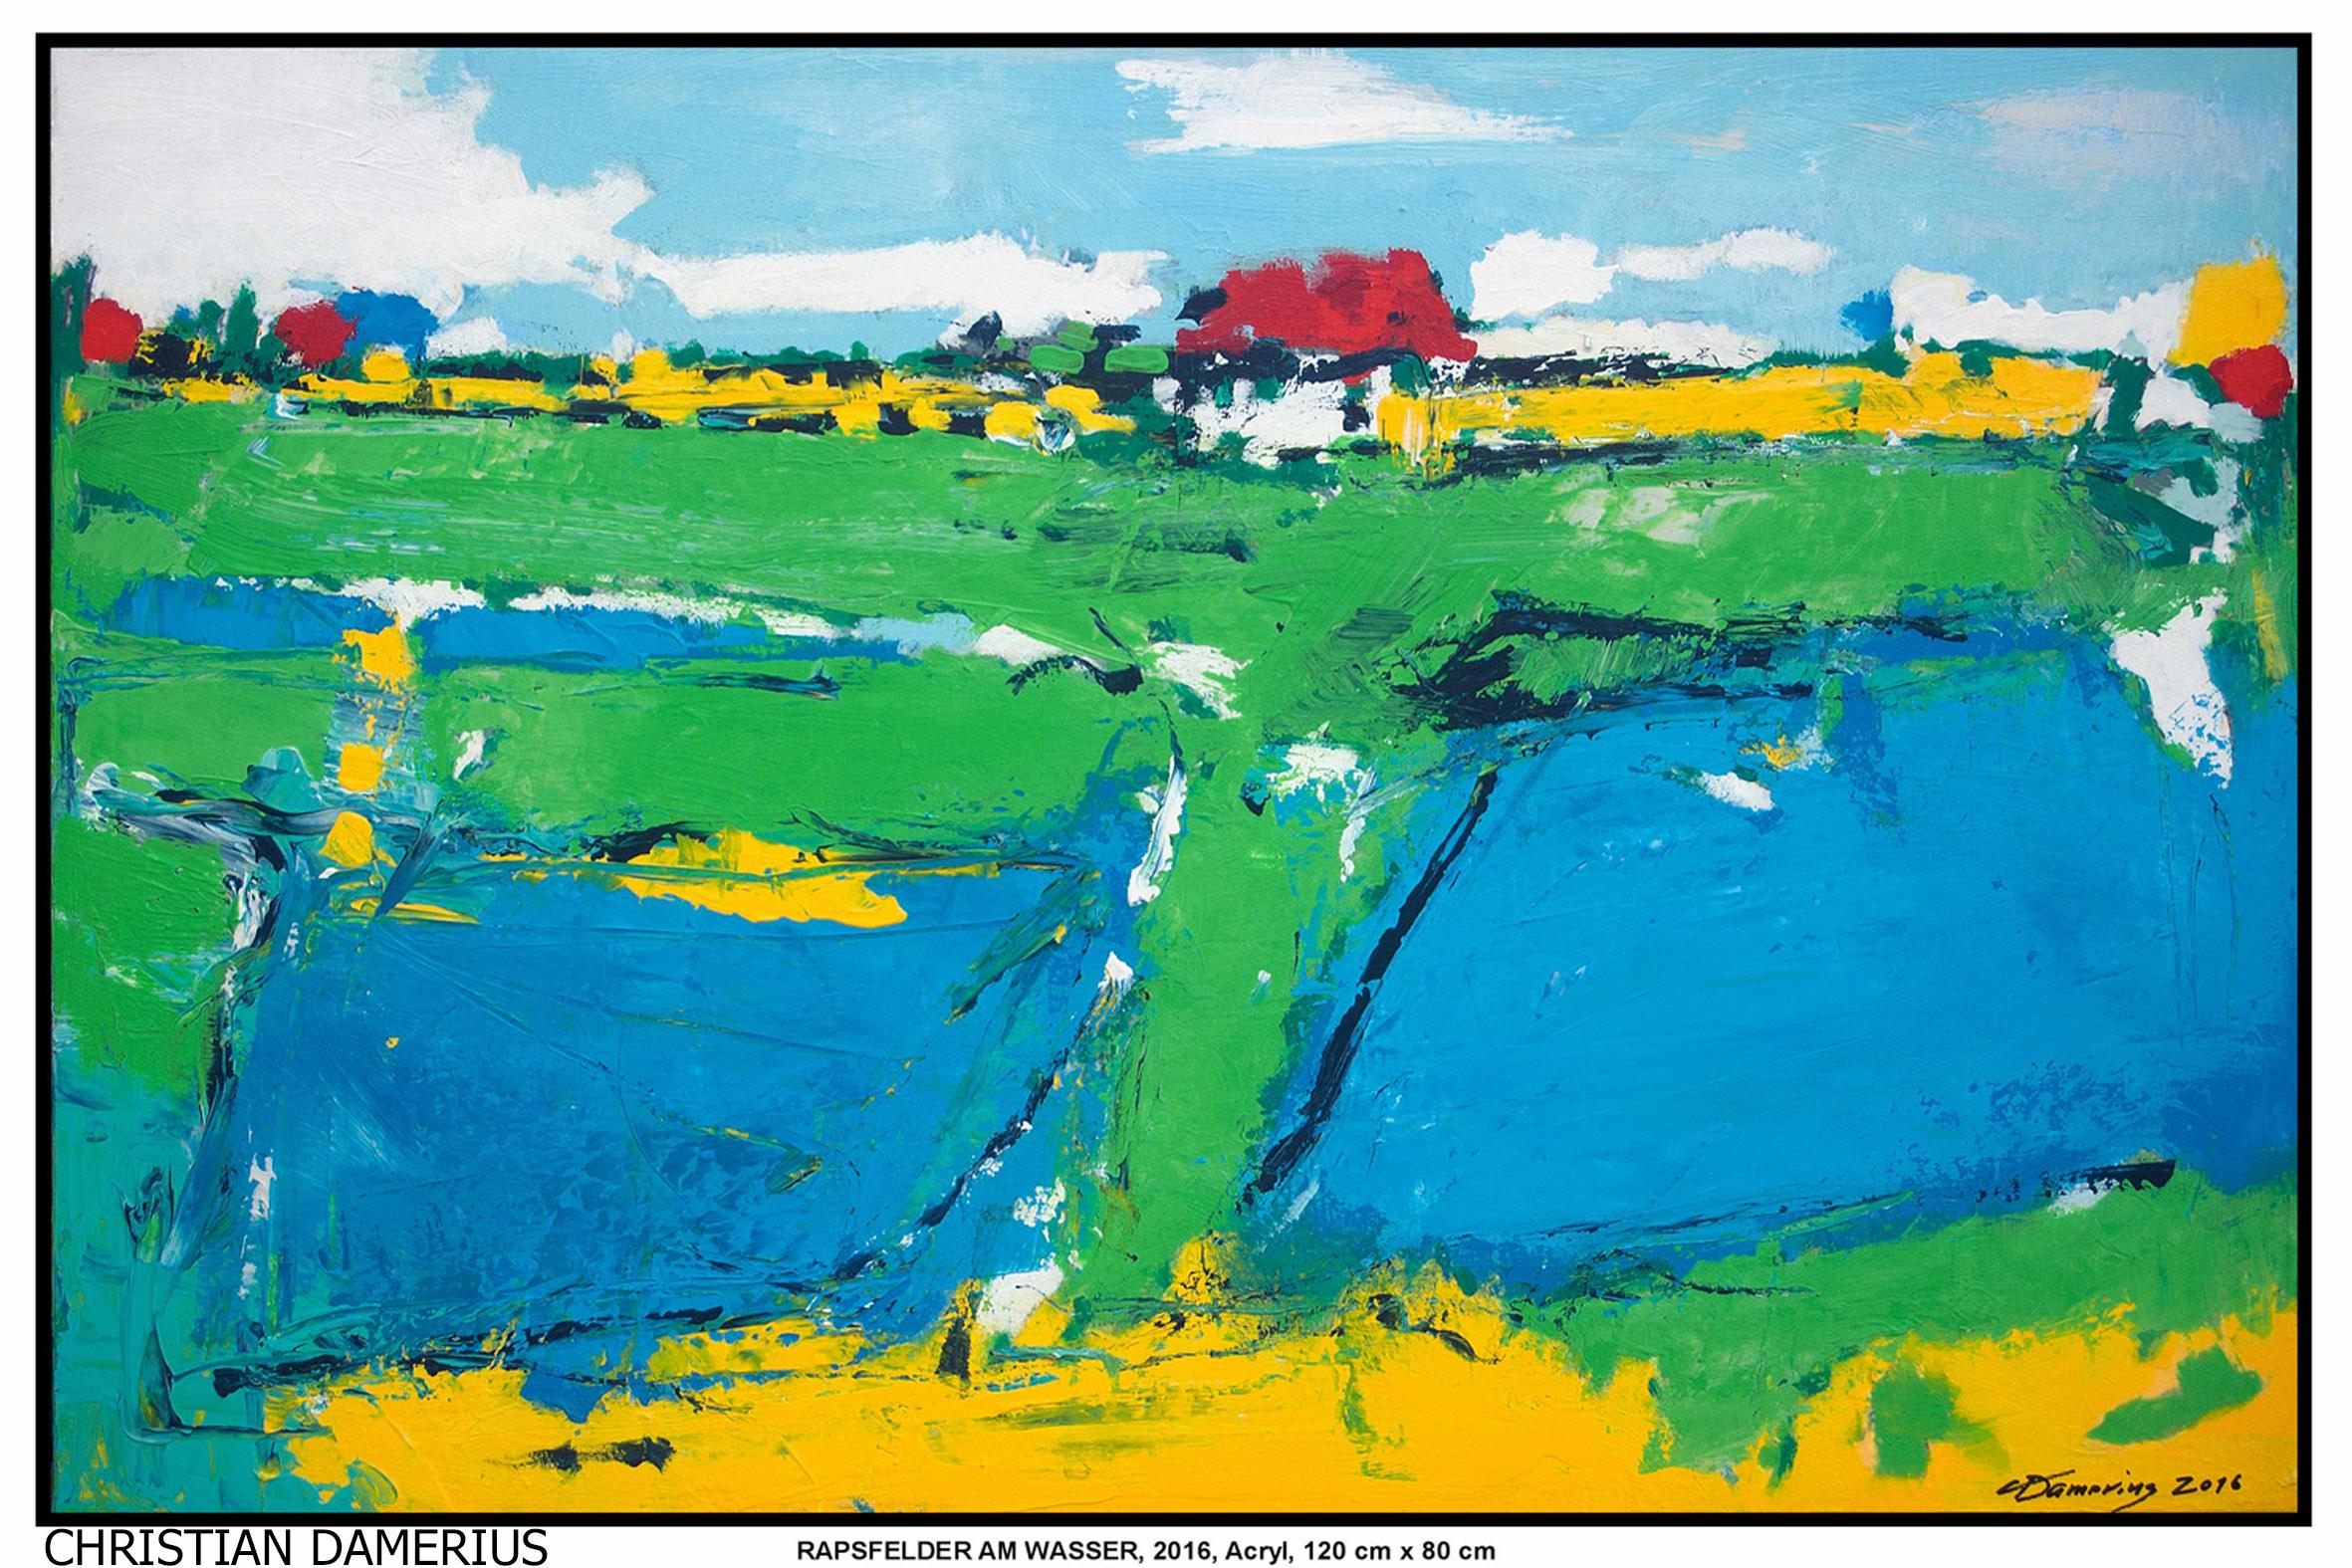 Landschaftsmalerei moderne malerei auftragsbilder - Acrylbilder malen vorlagen ...